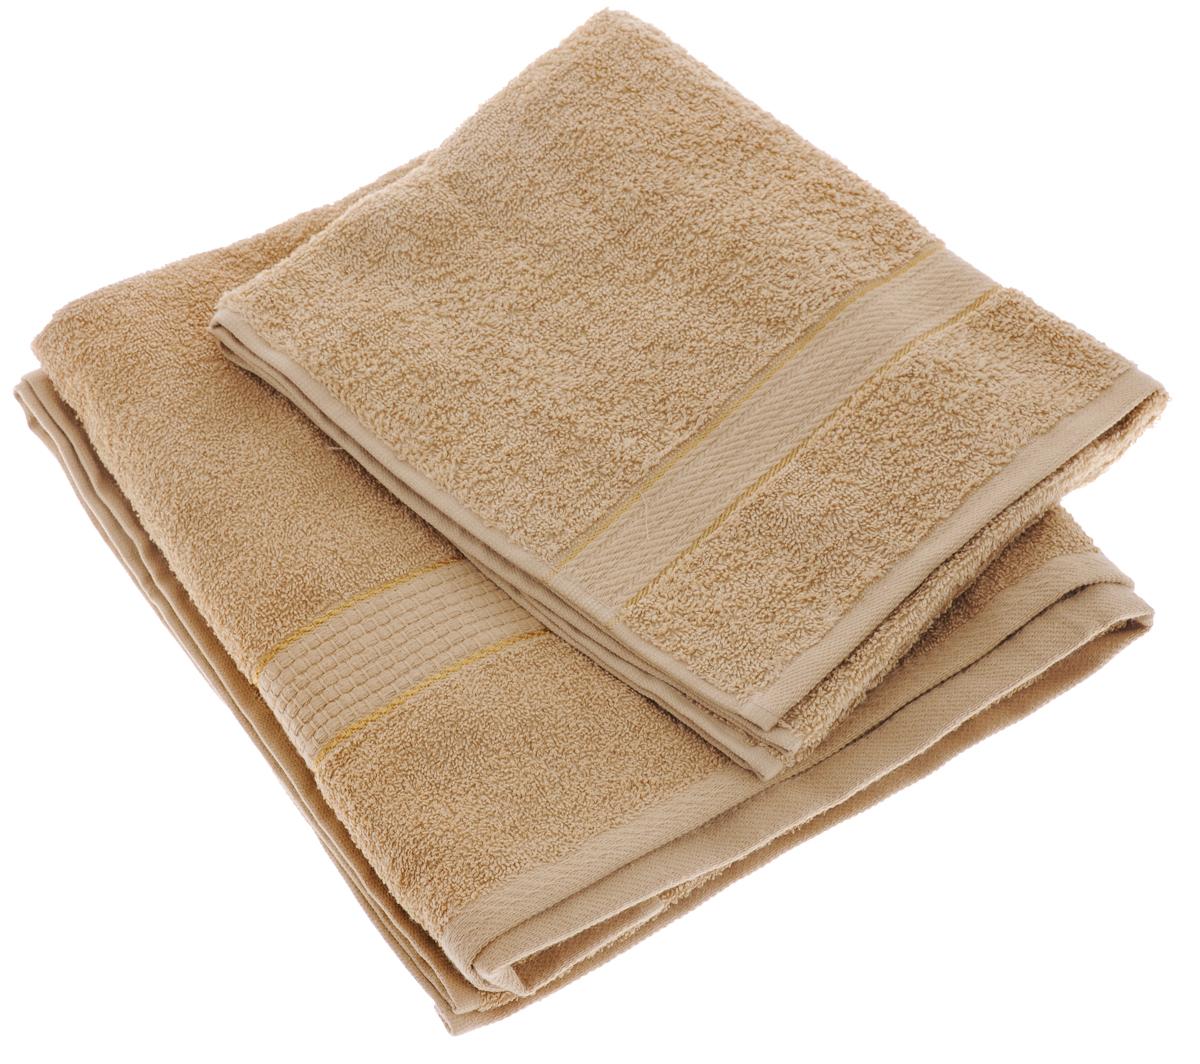 Набор махровых полотенец Aisha Home Textile, цвет: светло-коричневый, 2 шт. УзТ-НПМ-102УзТ-НПМ-102-23Набор Aisha Home Textile состоит из двух махровых полотенец разного размера.В состав входит только натуральное волокно - 100% хлопок. Лаконичные бордюрыподойдут для любого интерьера ванной комнаты. Полотенца прекрасновпитывают влагу и быстро сохнут. При соблюдении рекомендаций по уходу нелиняют и не теряют форму даже после многократных стирок. Комплектация: 2 шт.